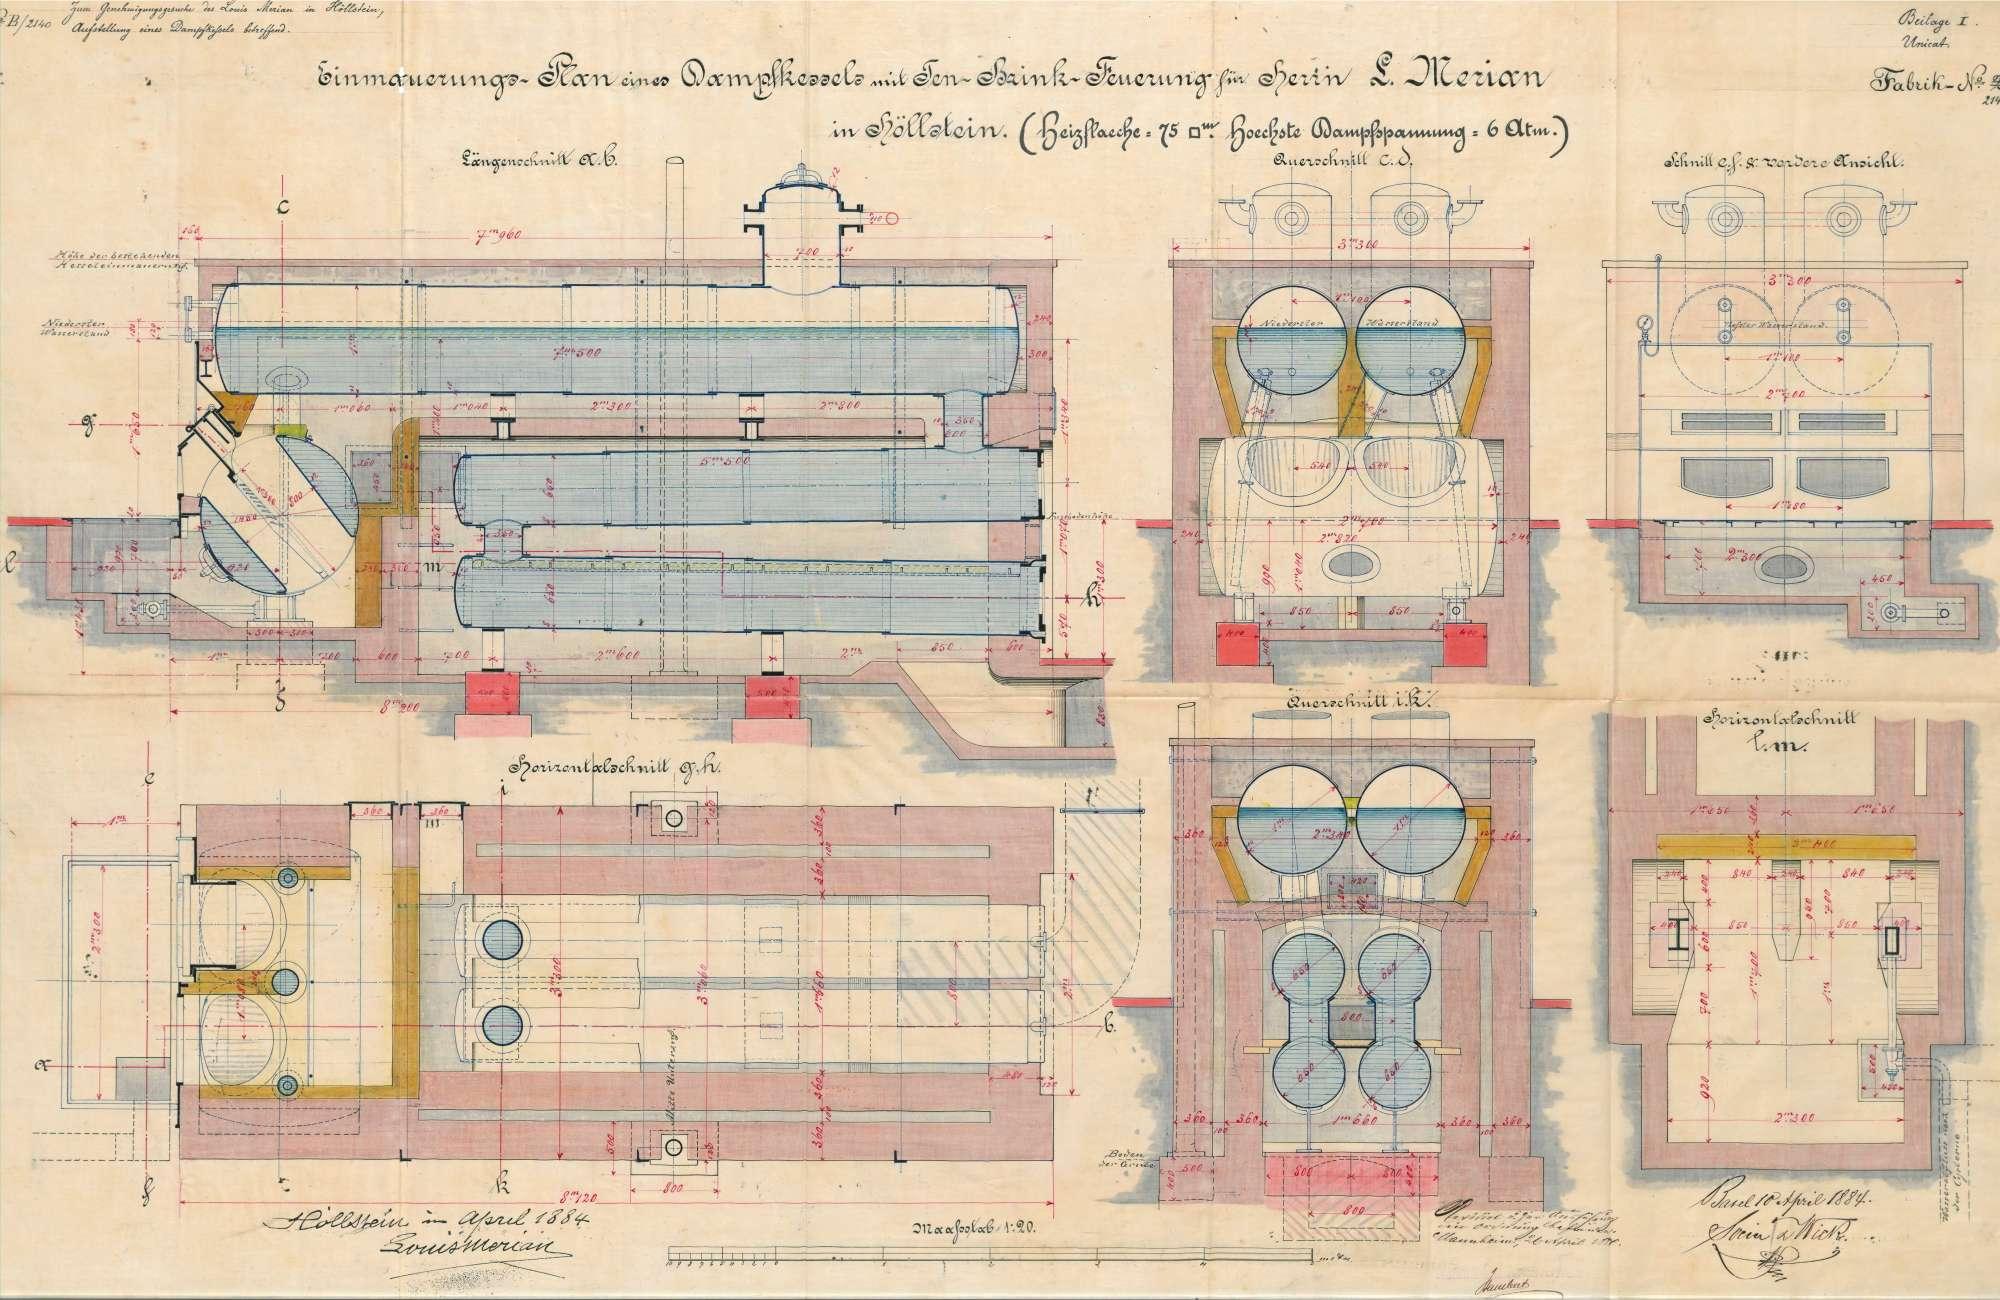 Gesuch der Fa. Louis Merian in Höllstein um Erlaubnis zur Anlegung eines Dampfkessels, Bild 1